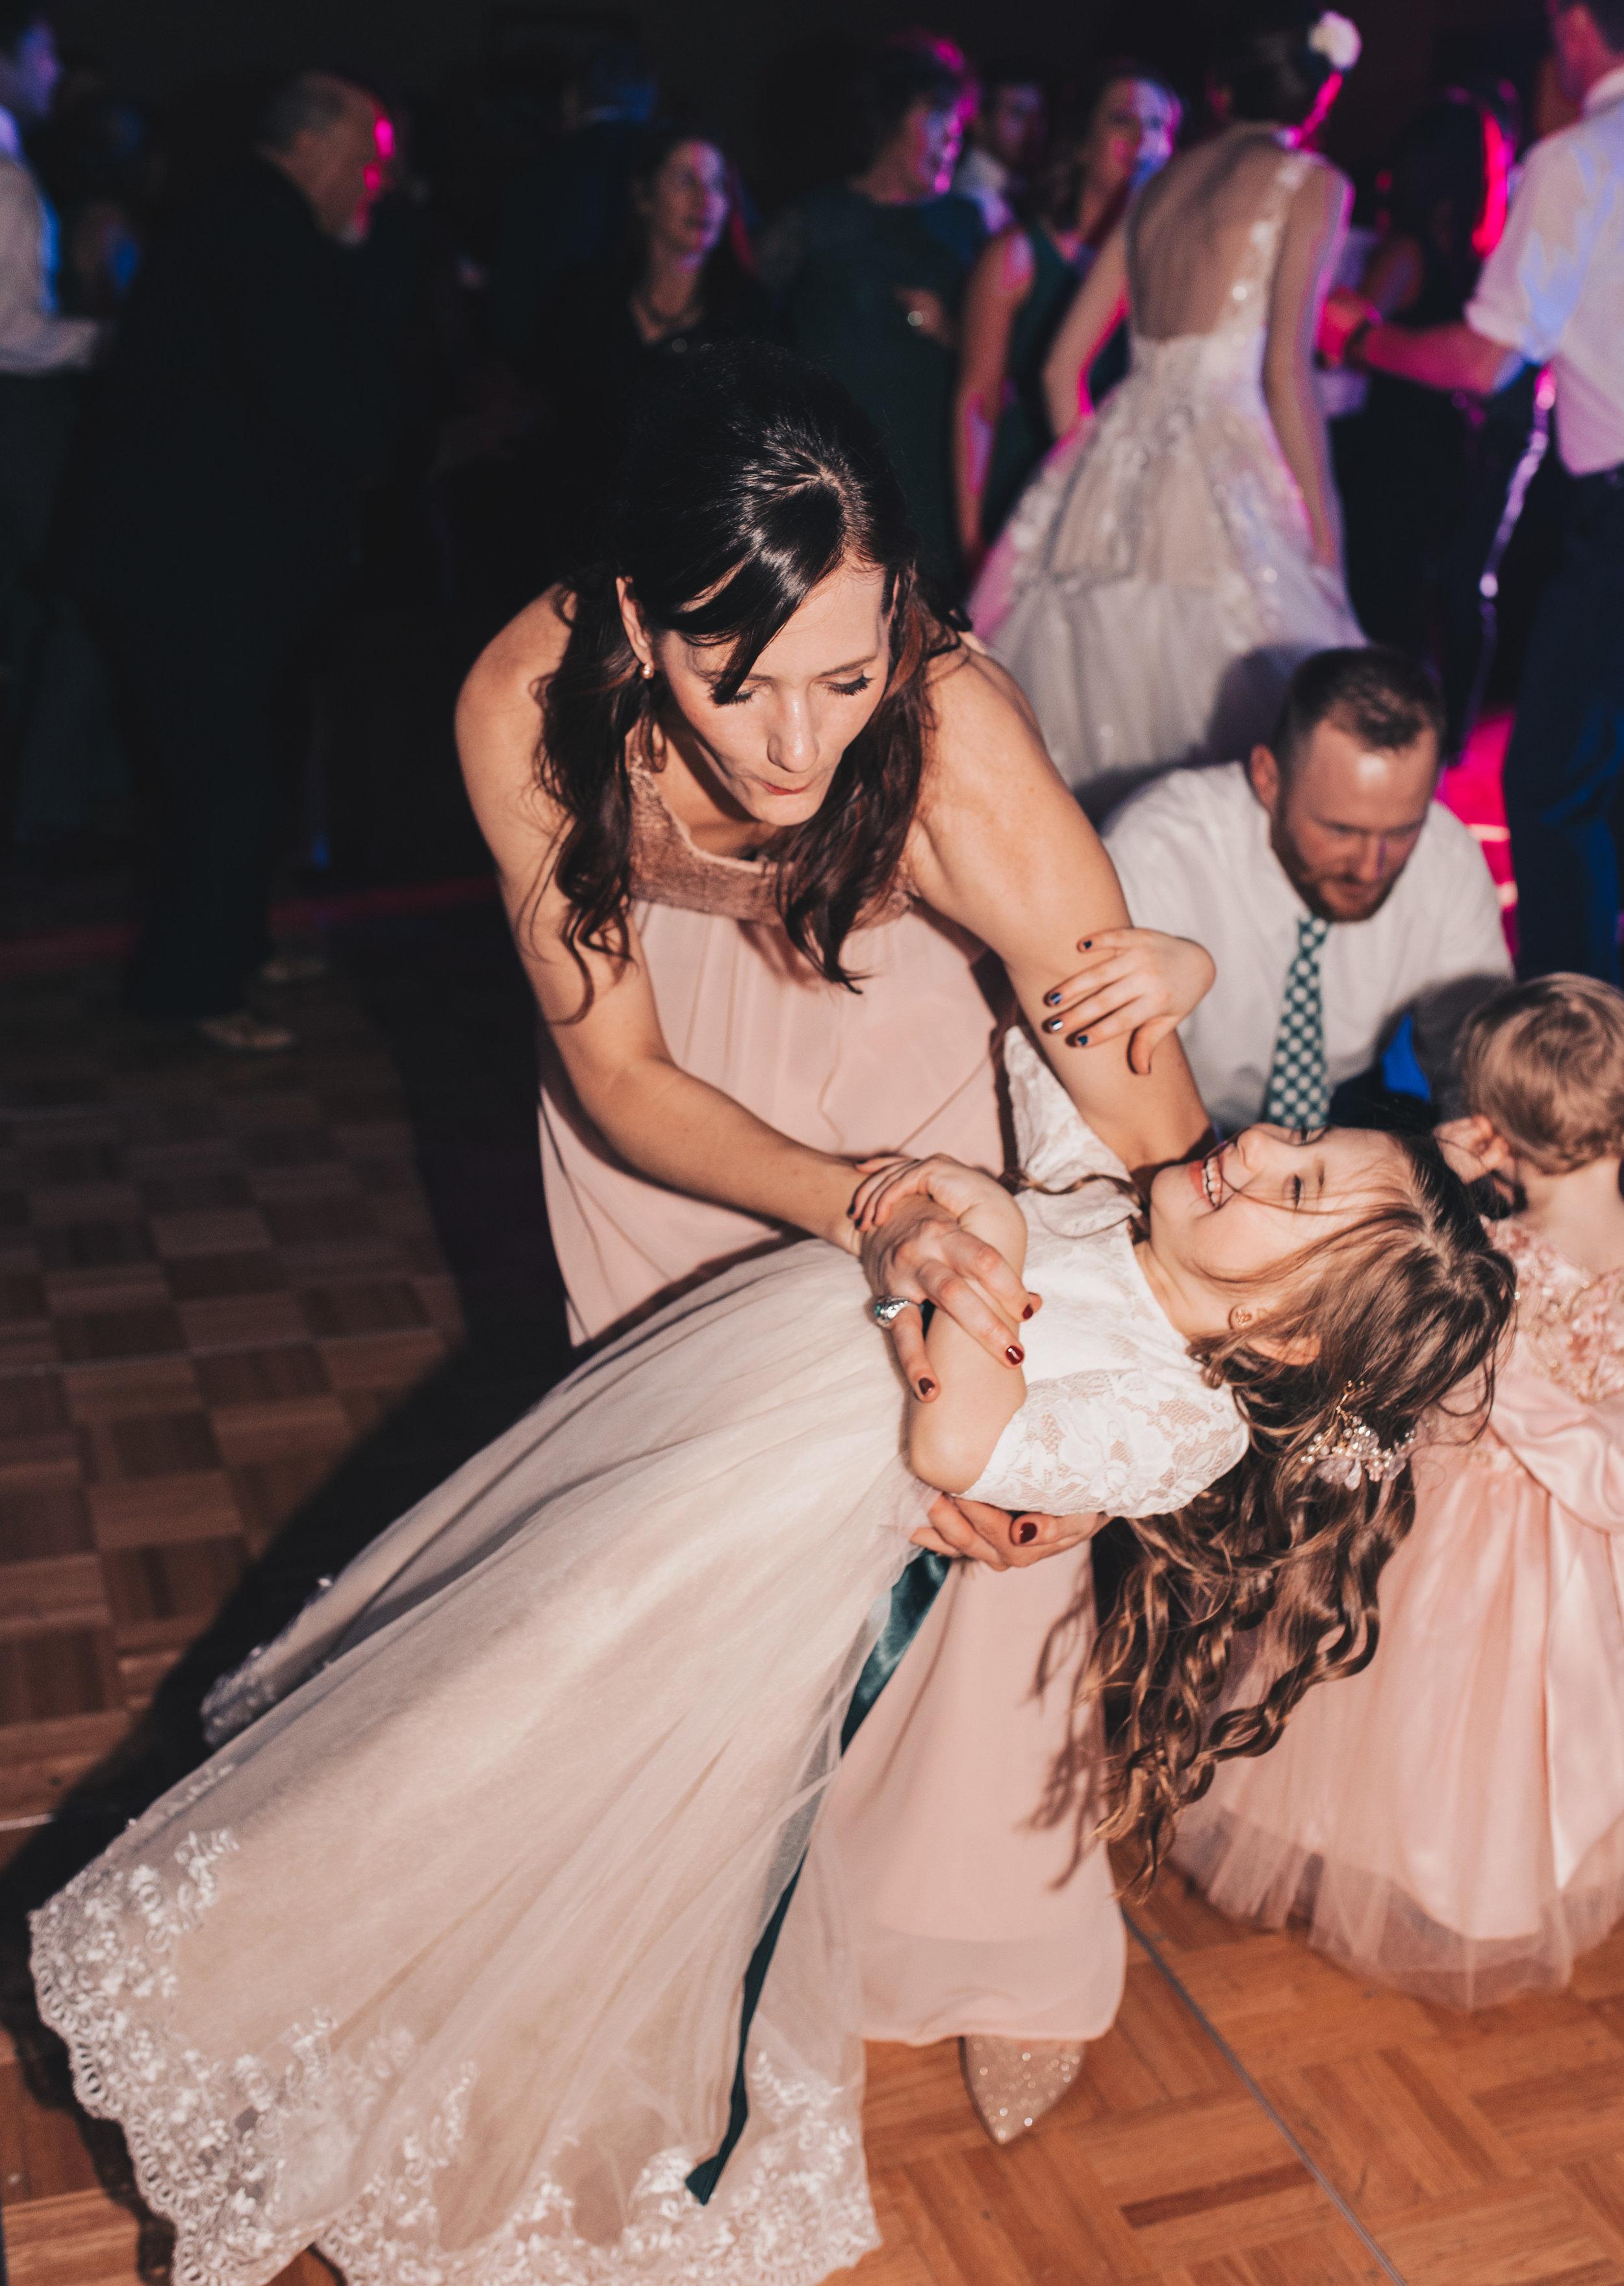 Winter Wedding, Chicago Winter Wedding, Chicago Wedding Photographer, Illinois Wedding, Illinois Wedding Photographer, Classy Modern Wedding, Reception Photos